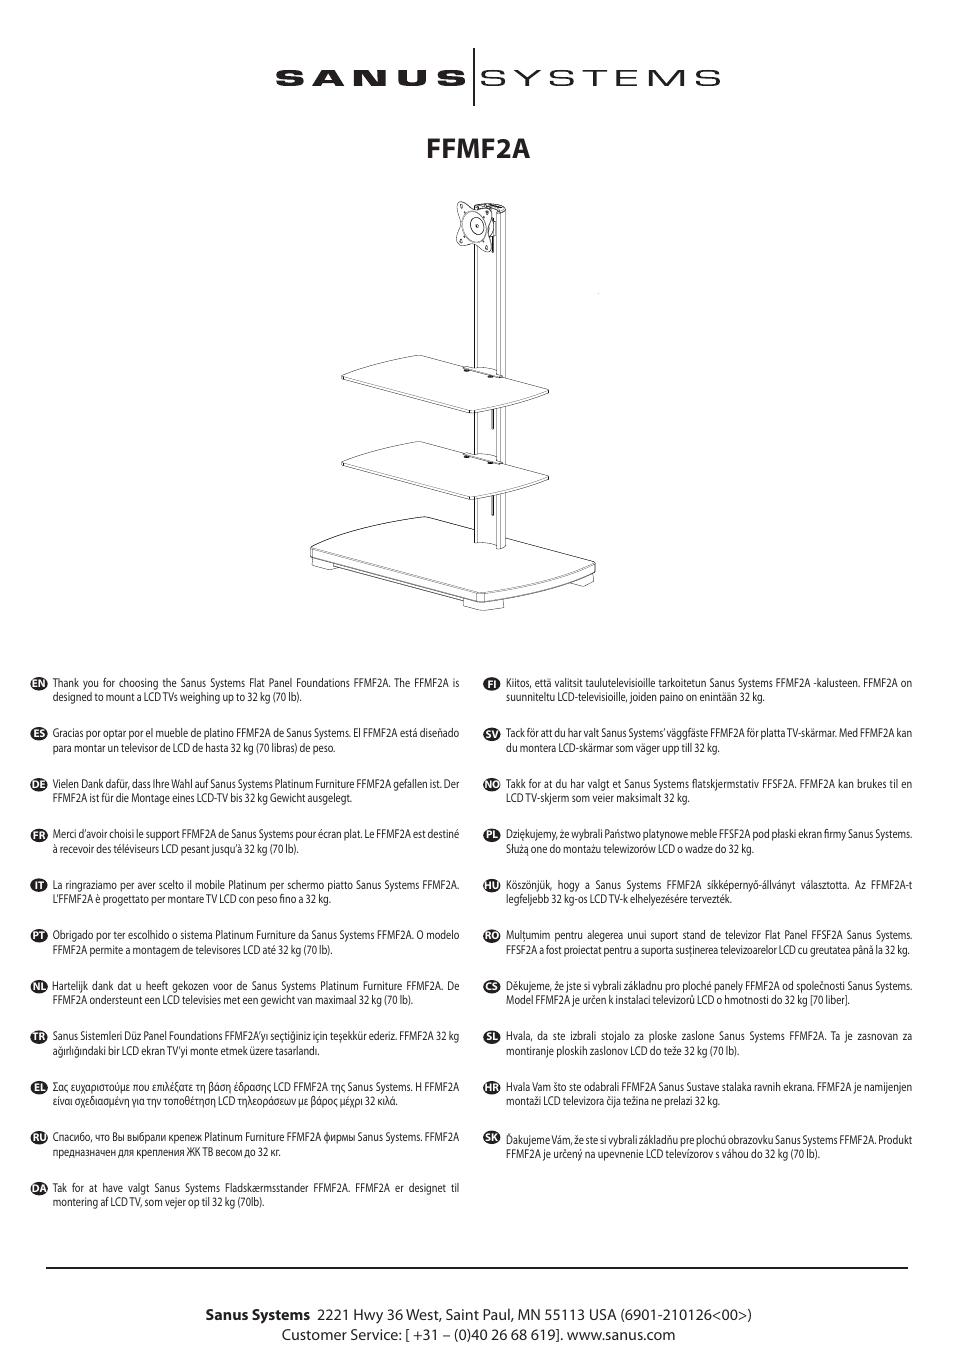 hama ffmf2a sb1 user manual 16 pages original mode rh manualsdir com Sanus Cfr2115 Sanus Cfr2115